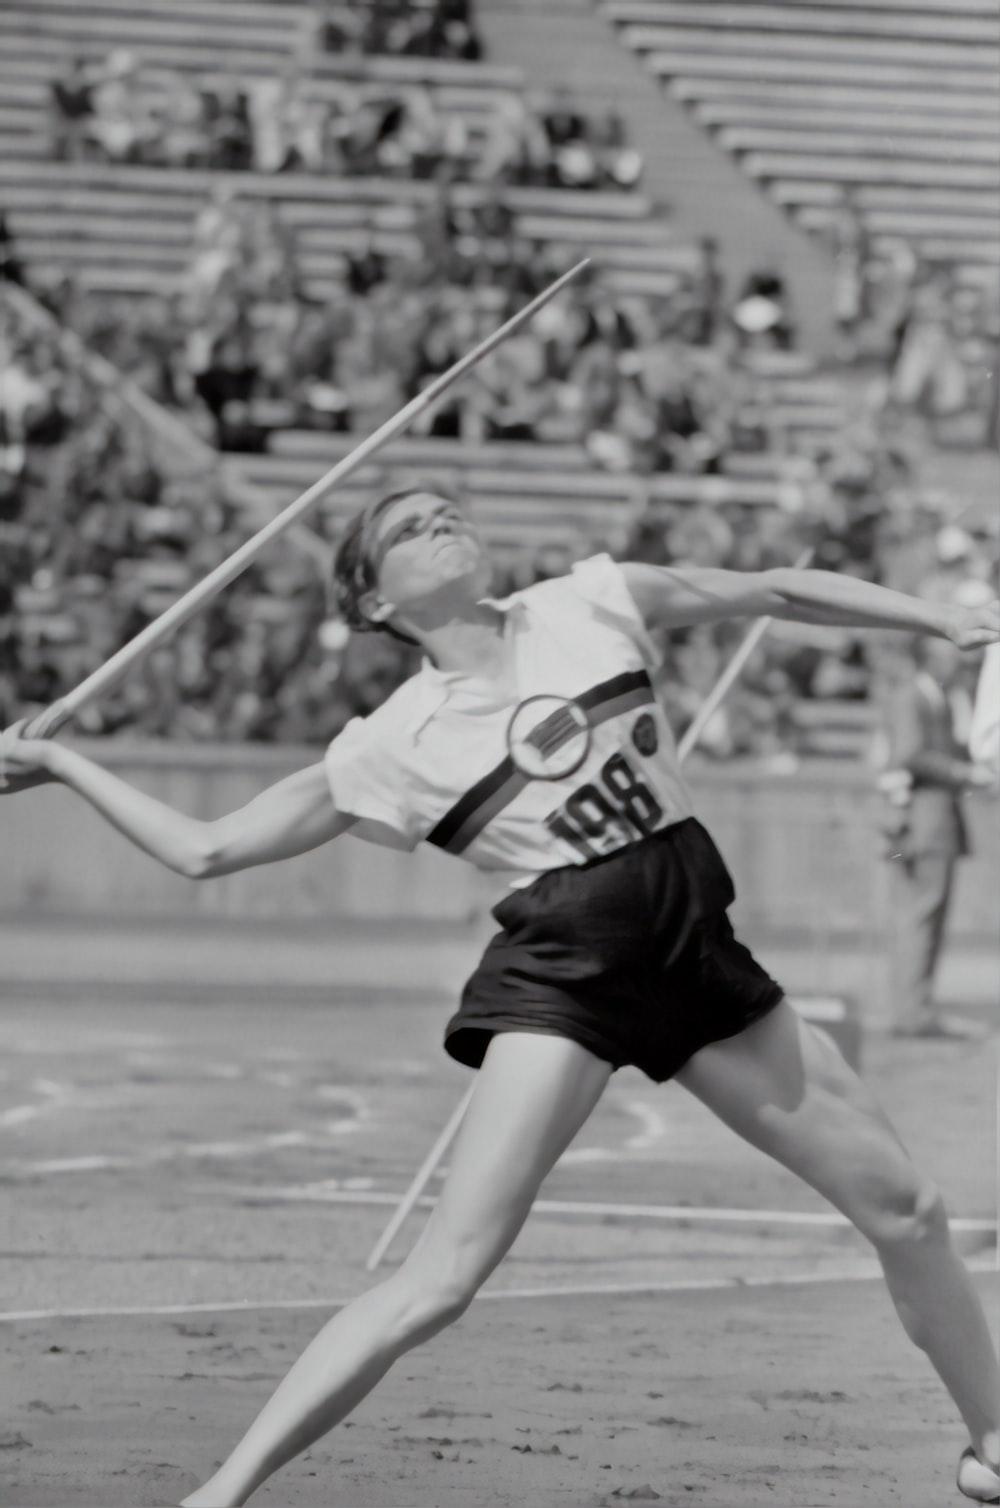 woman doing javelin throw photograph